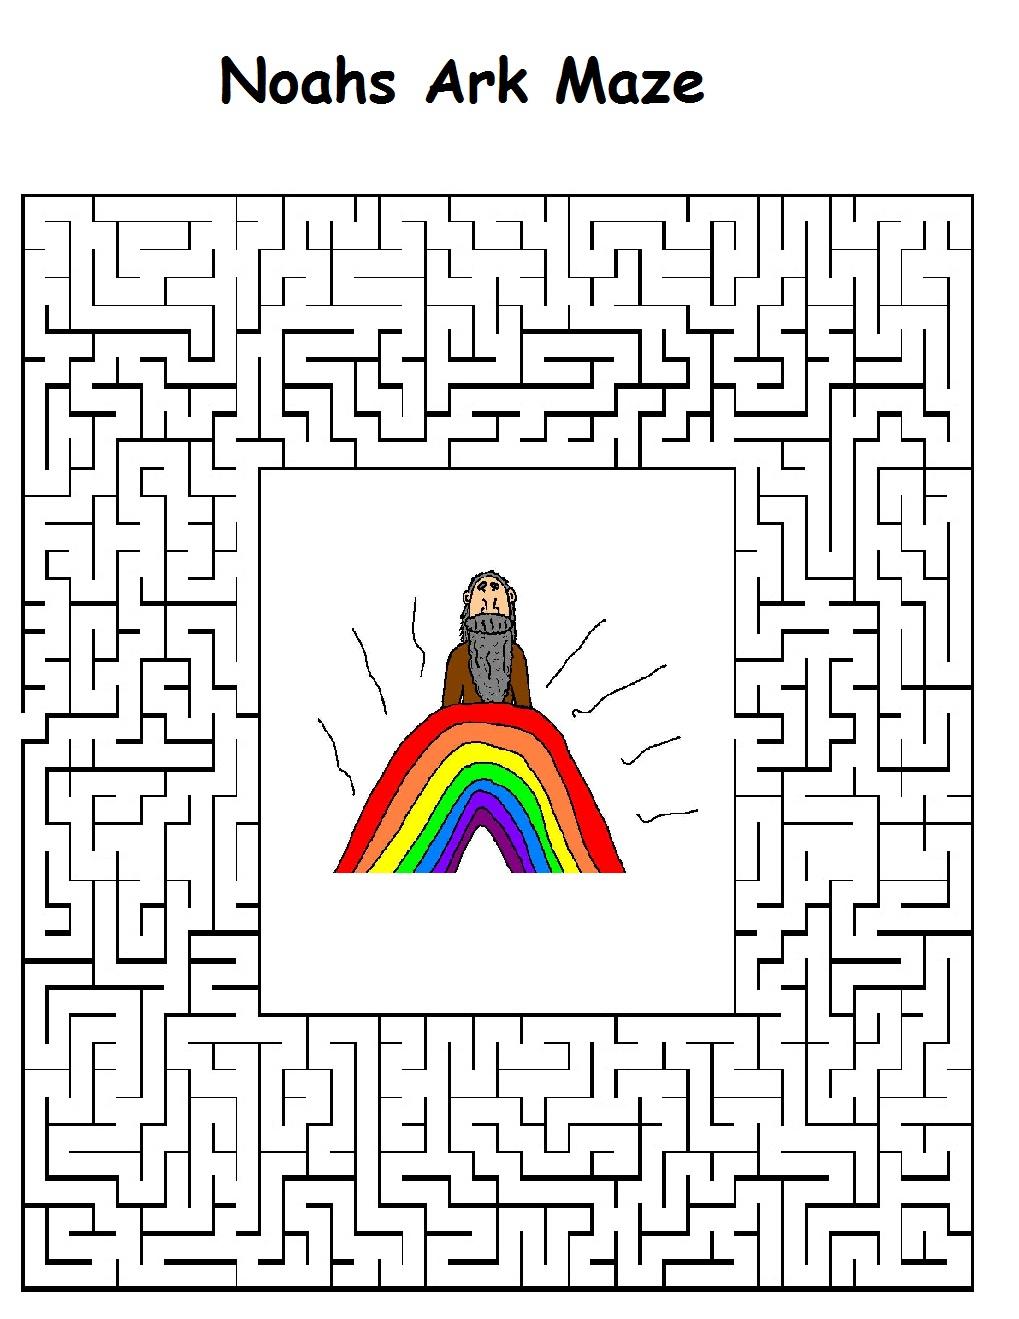 noahs ark sunday school lesson plan for kids in sunday school